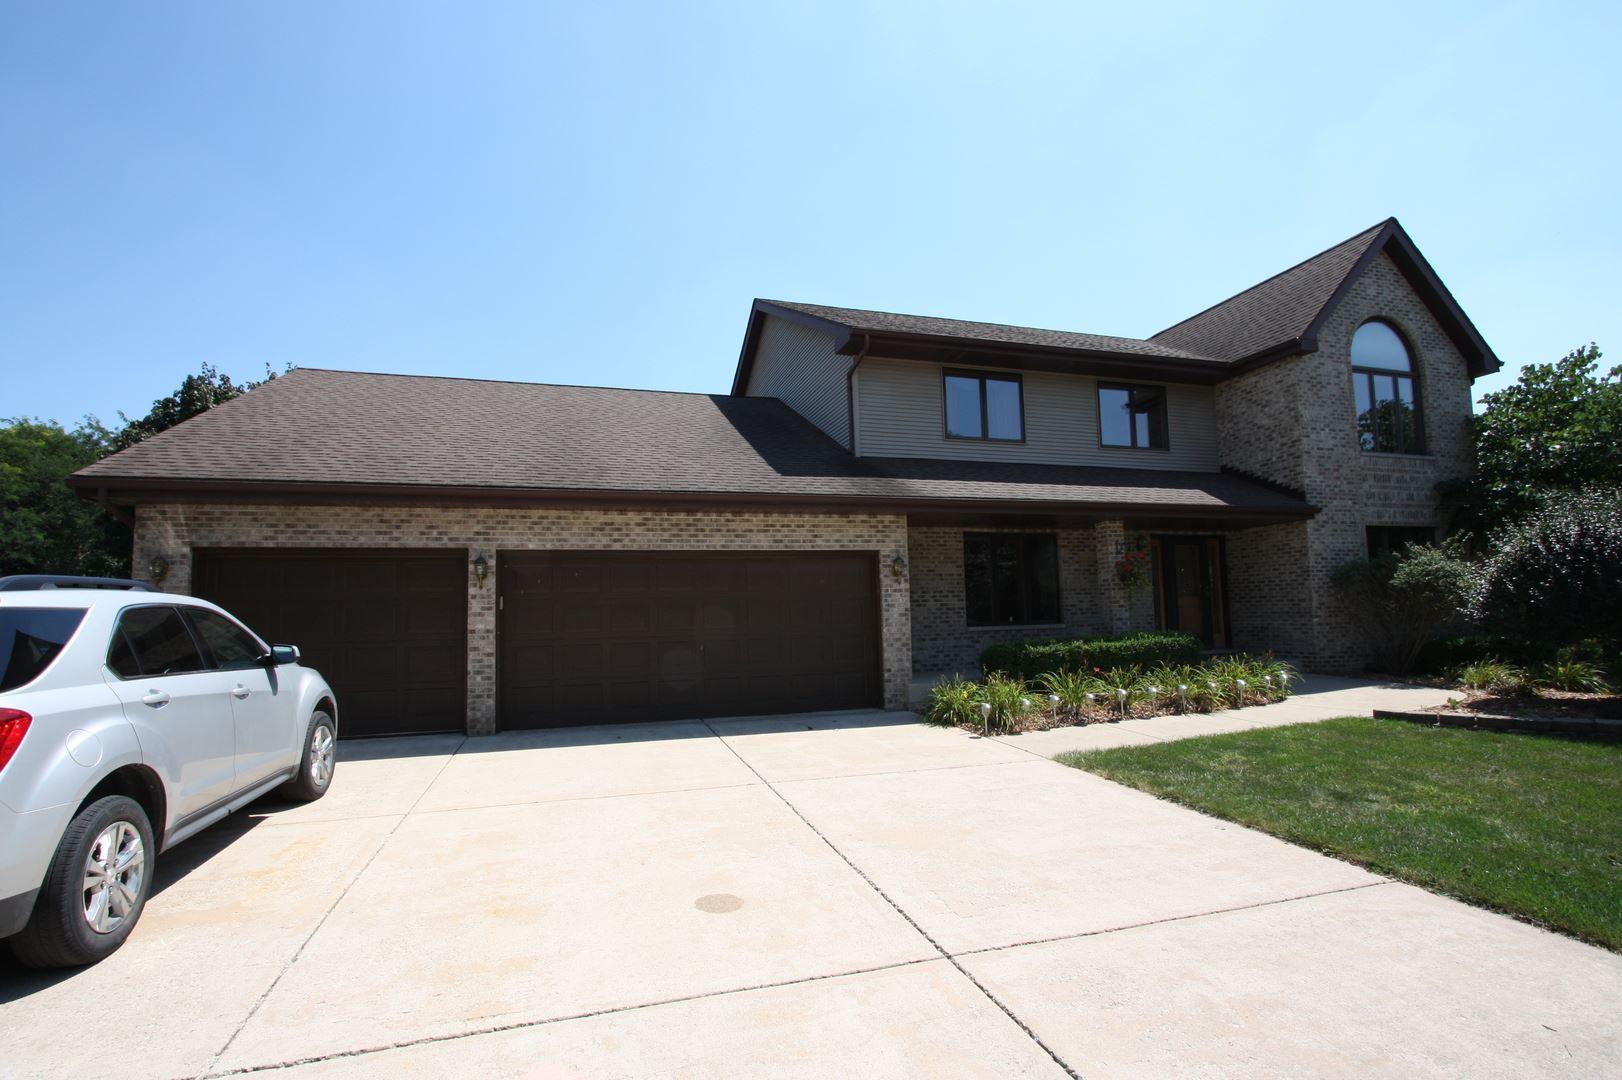 24157 S Iroquois Drive, Channahon, IL 60410 - #: 10773276